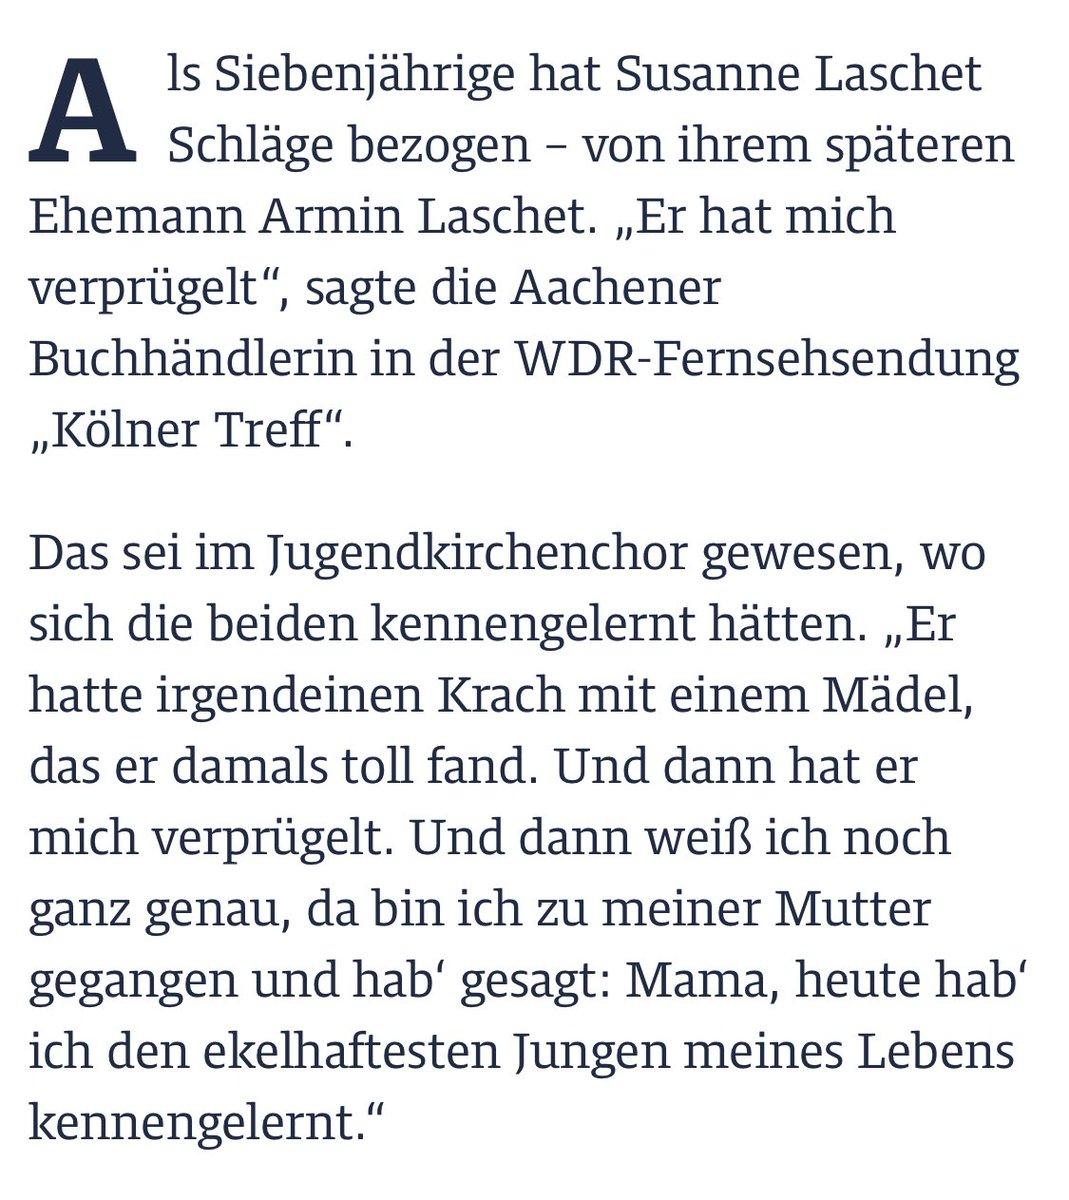 Jetzt kann man auch nochmal das sehr gute Kölner Treff Interview rauskramen mit Susanne Laschet, der Ehefrau von Armin Laschet. Da wurde Erstaunliches gesagt: